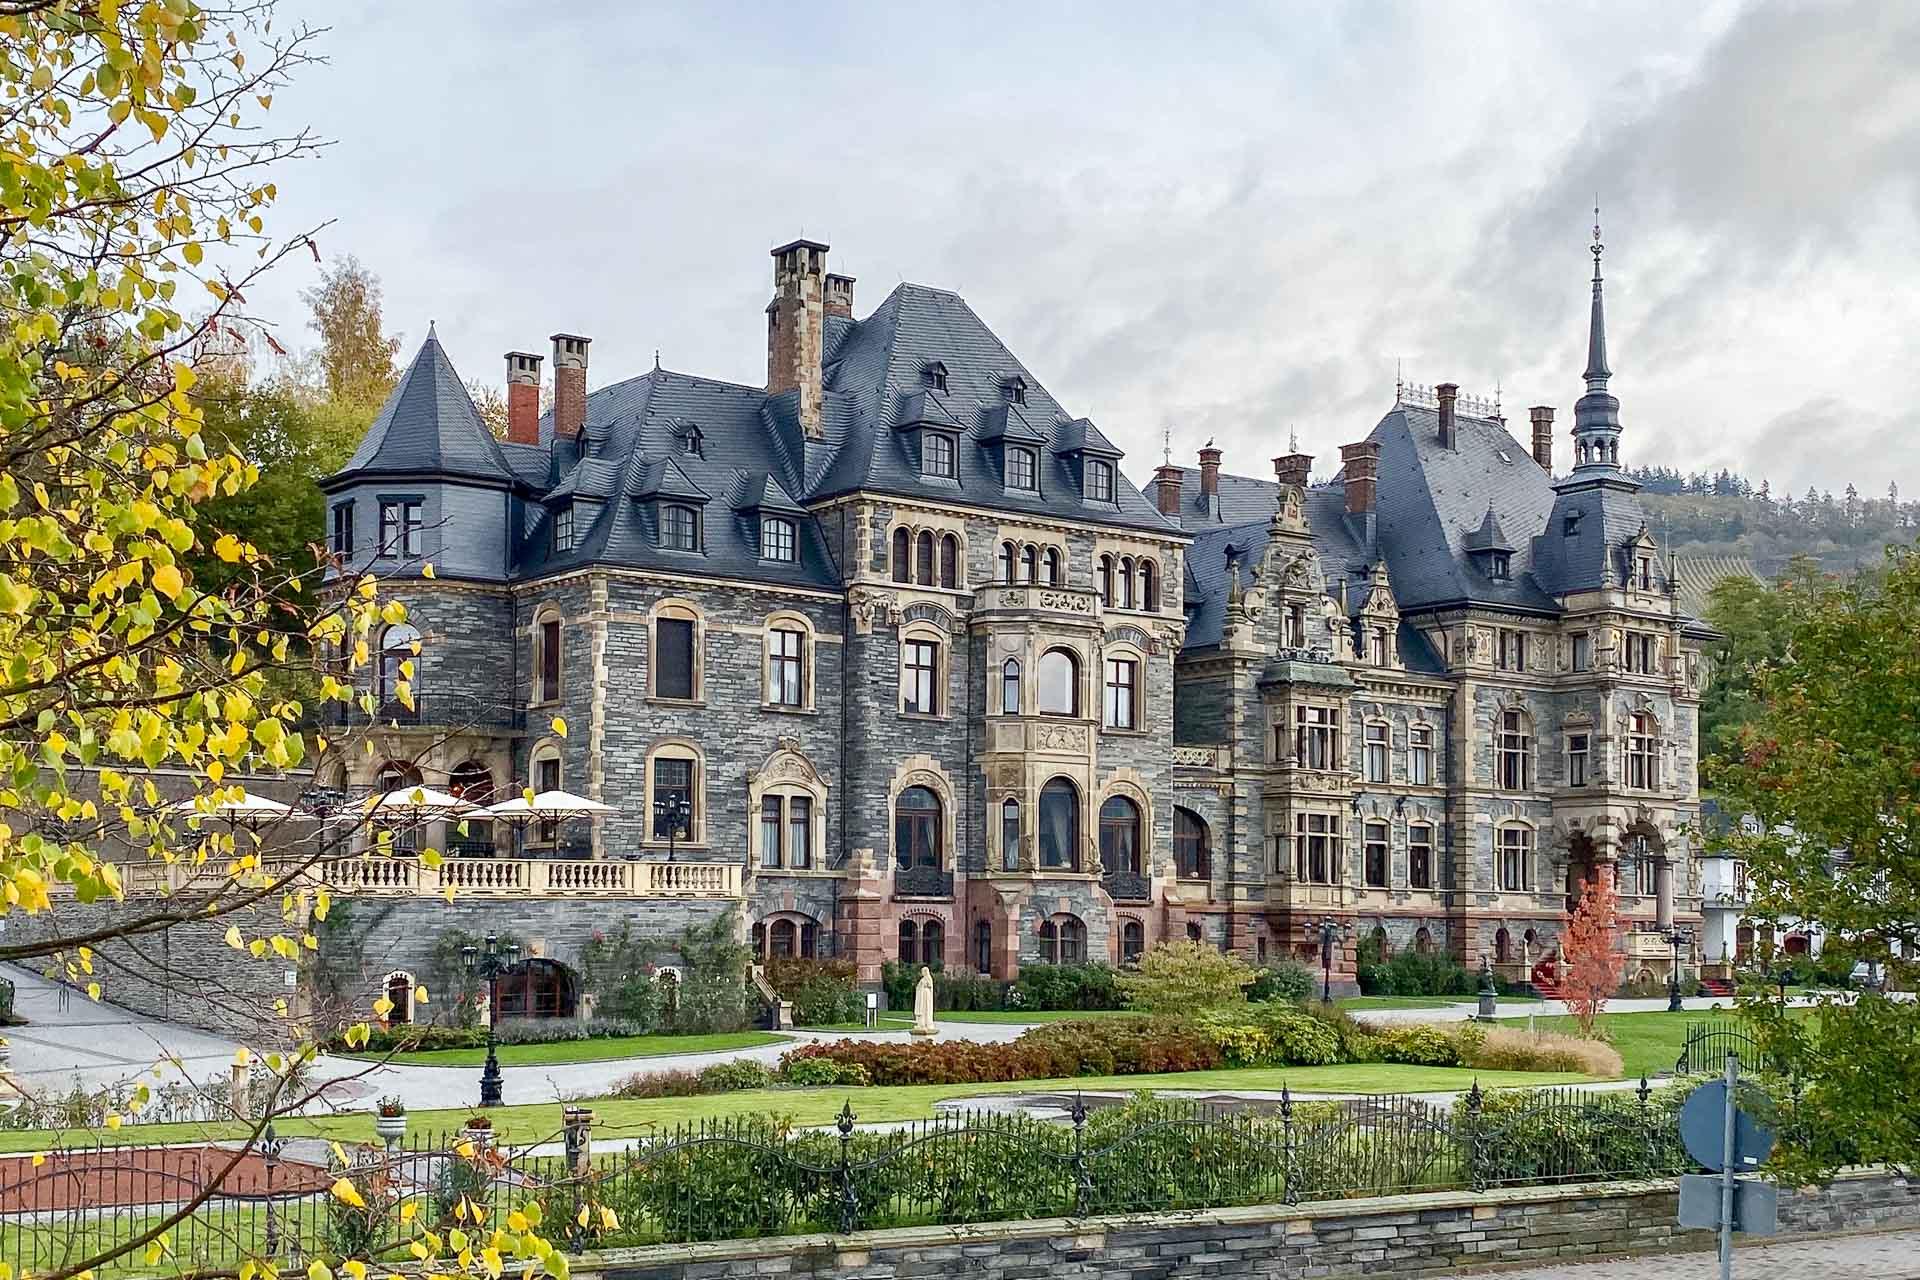 Le luxueux hôtel Schloss Lieser rouvre ses portes en Allemagne au cœur de la région de Moselle, dans un château du XIXème siècle. 50 chambres et suites avec vue, un restaurant, une bibliothèque et un spa digne des plus grands hôtels surplombent cette région pittoresque et ses vignobles.